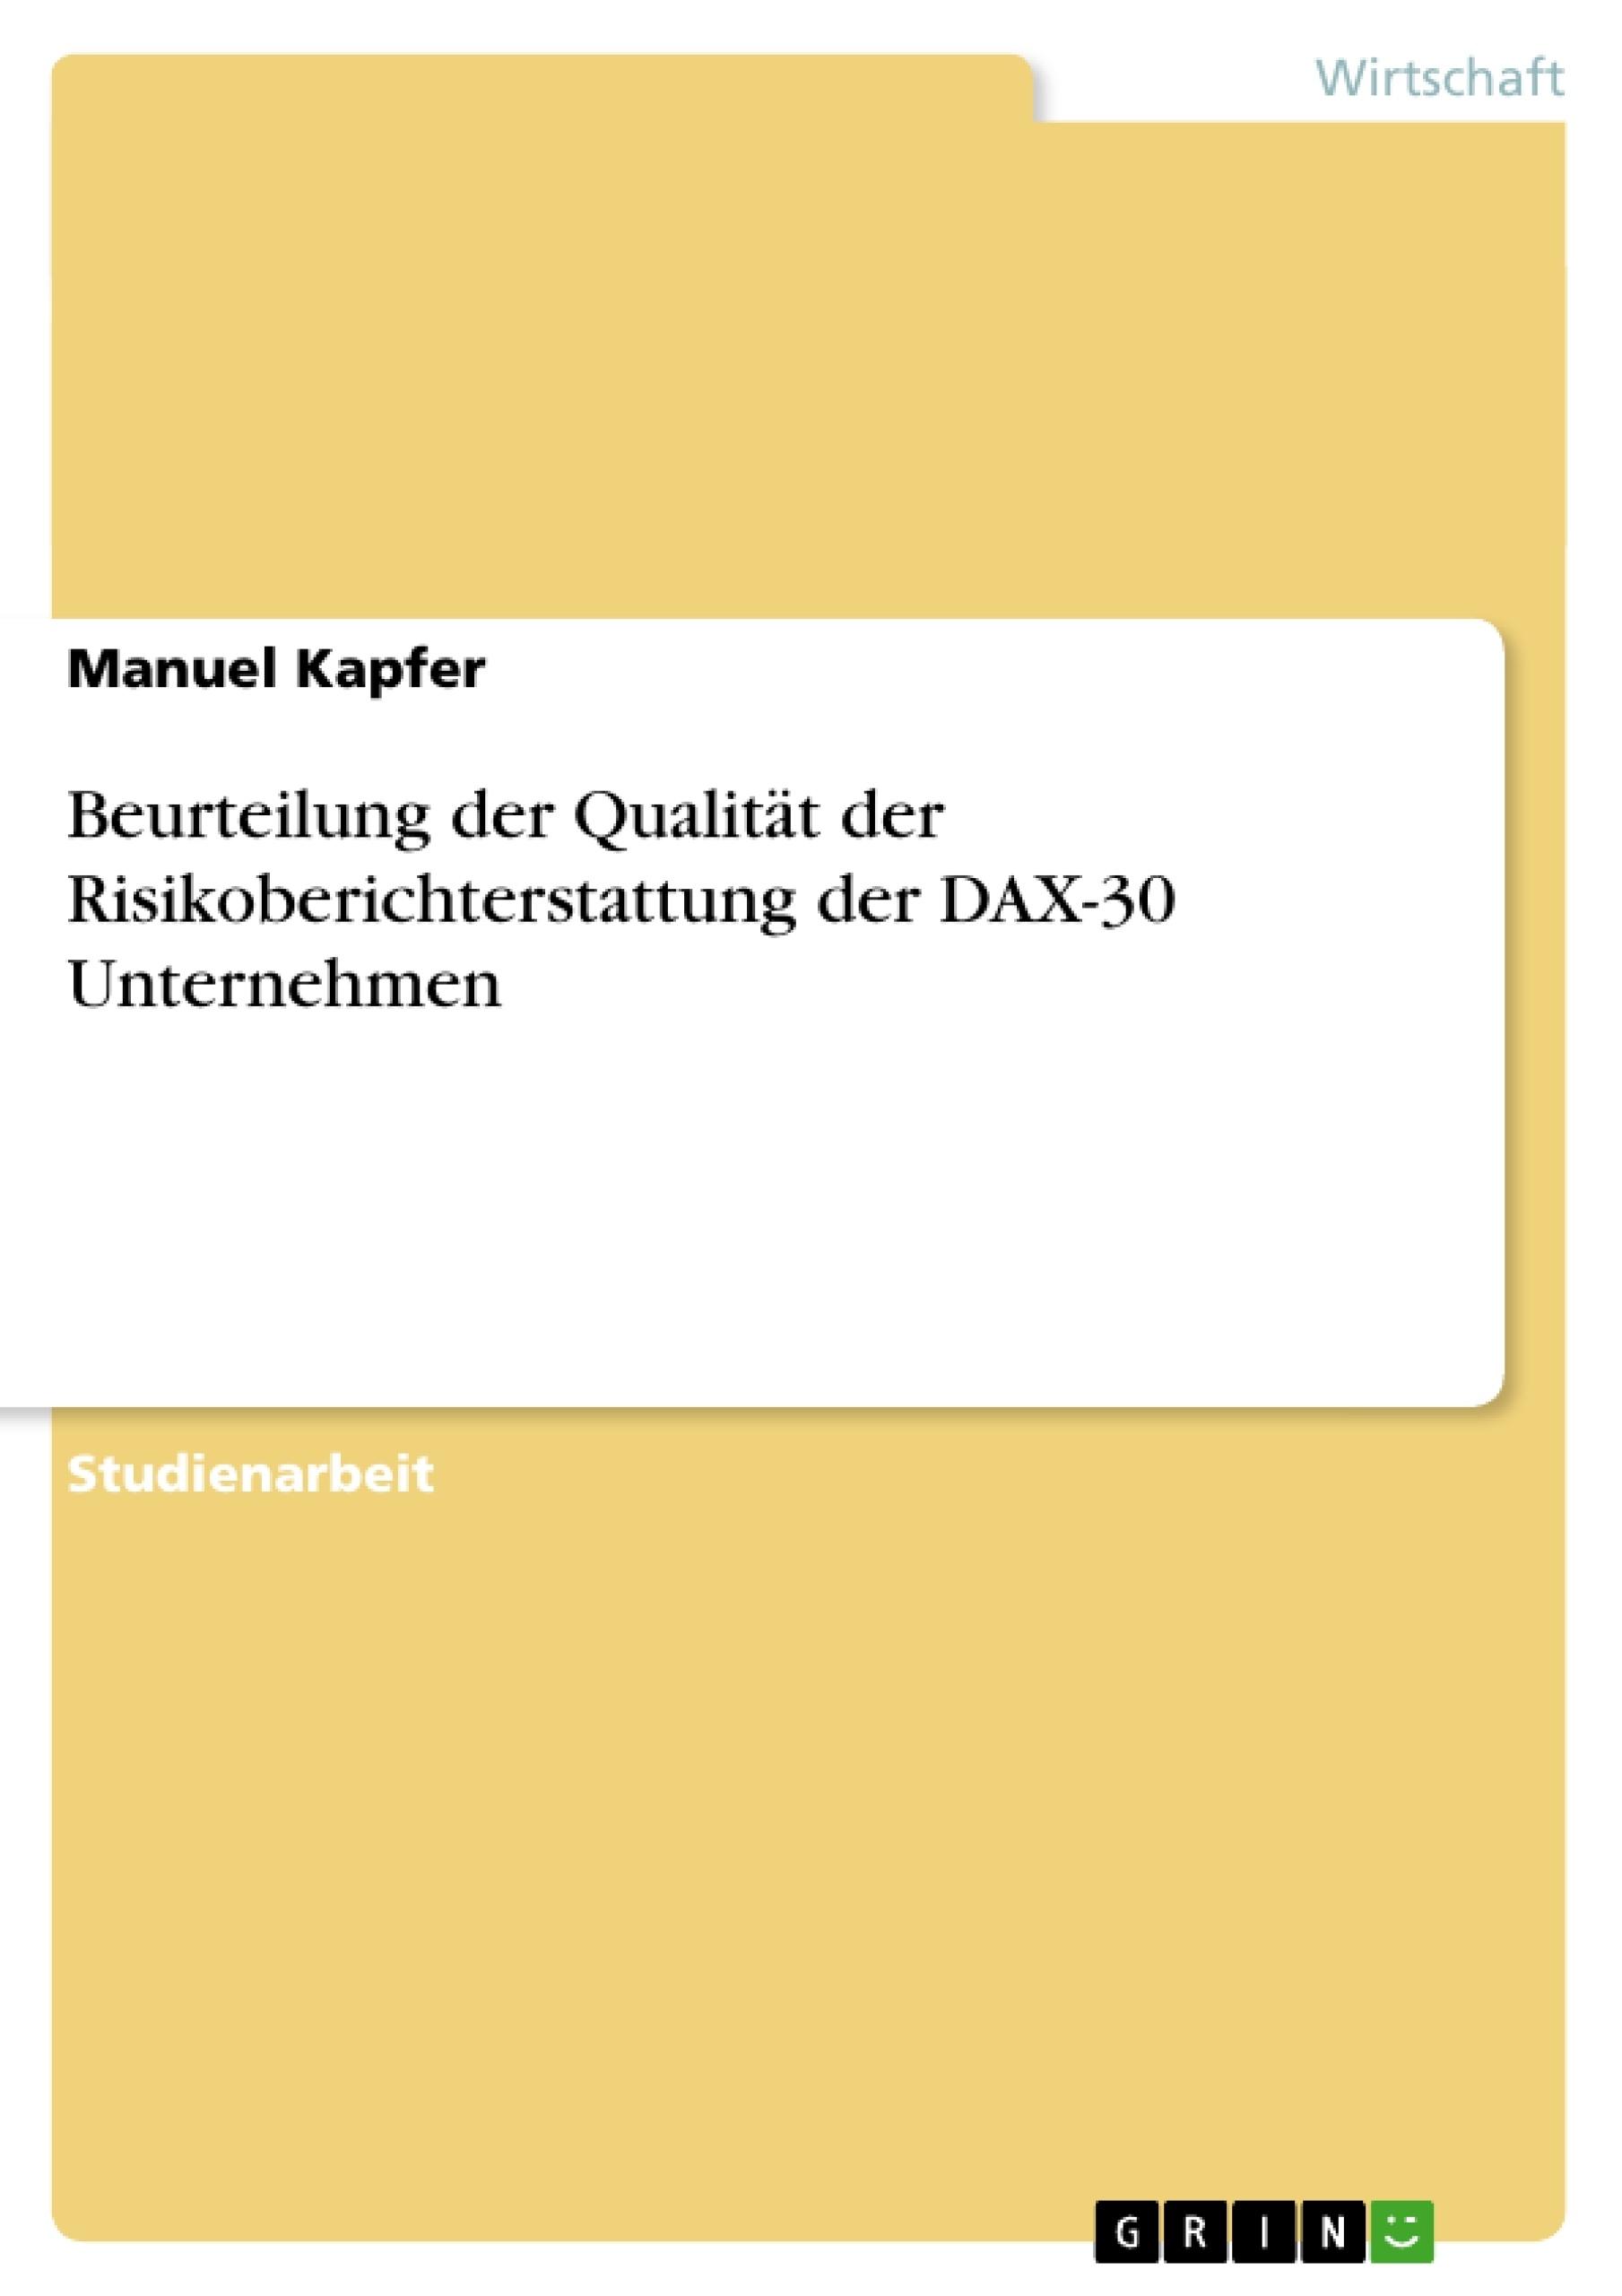 Titel: Beurteilung der Qualität der Risikoberichterstattung der DAX-30 Unternehmen